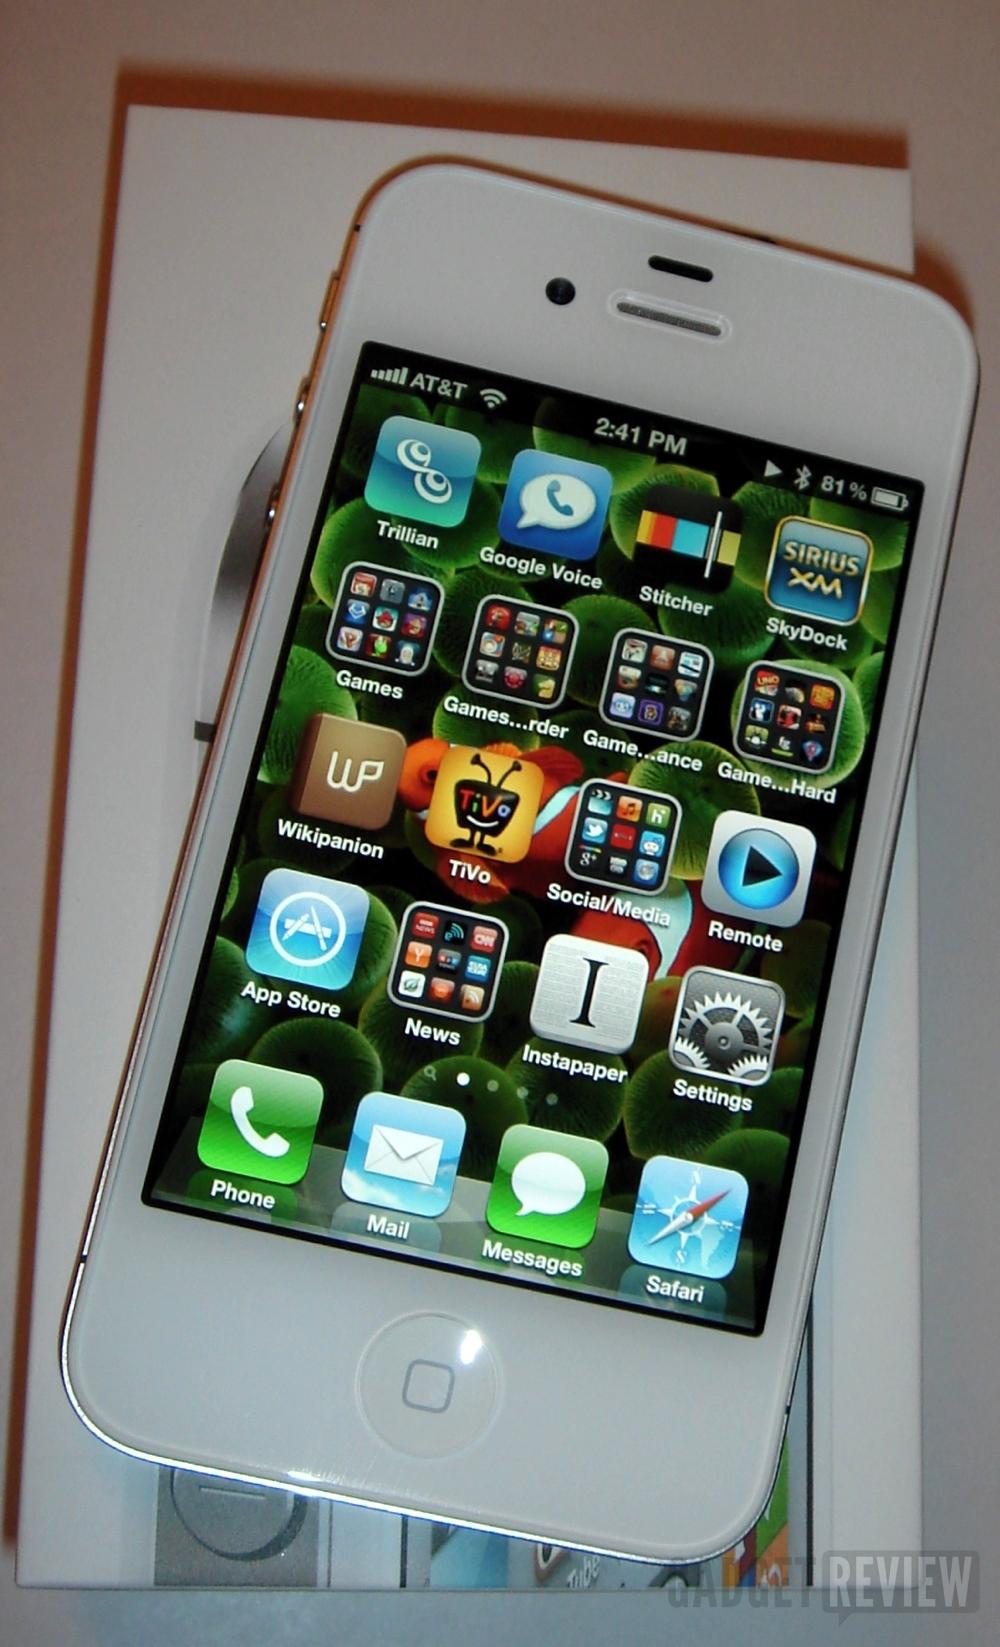 iphone 4s ưu nhược điểm